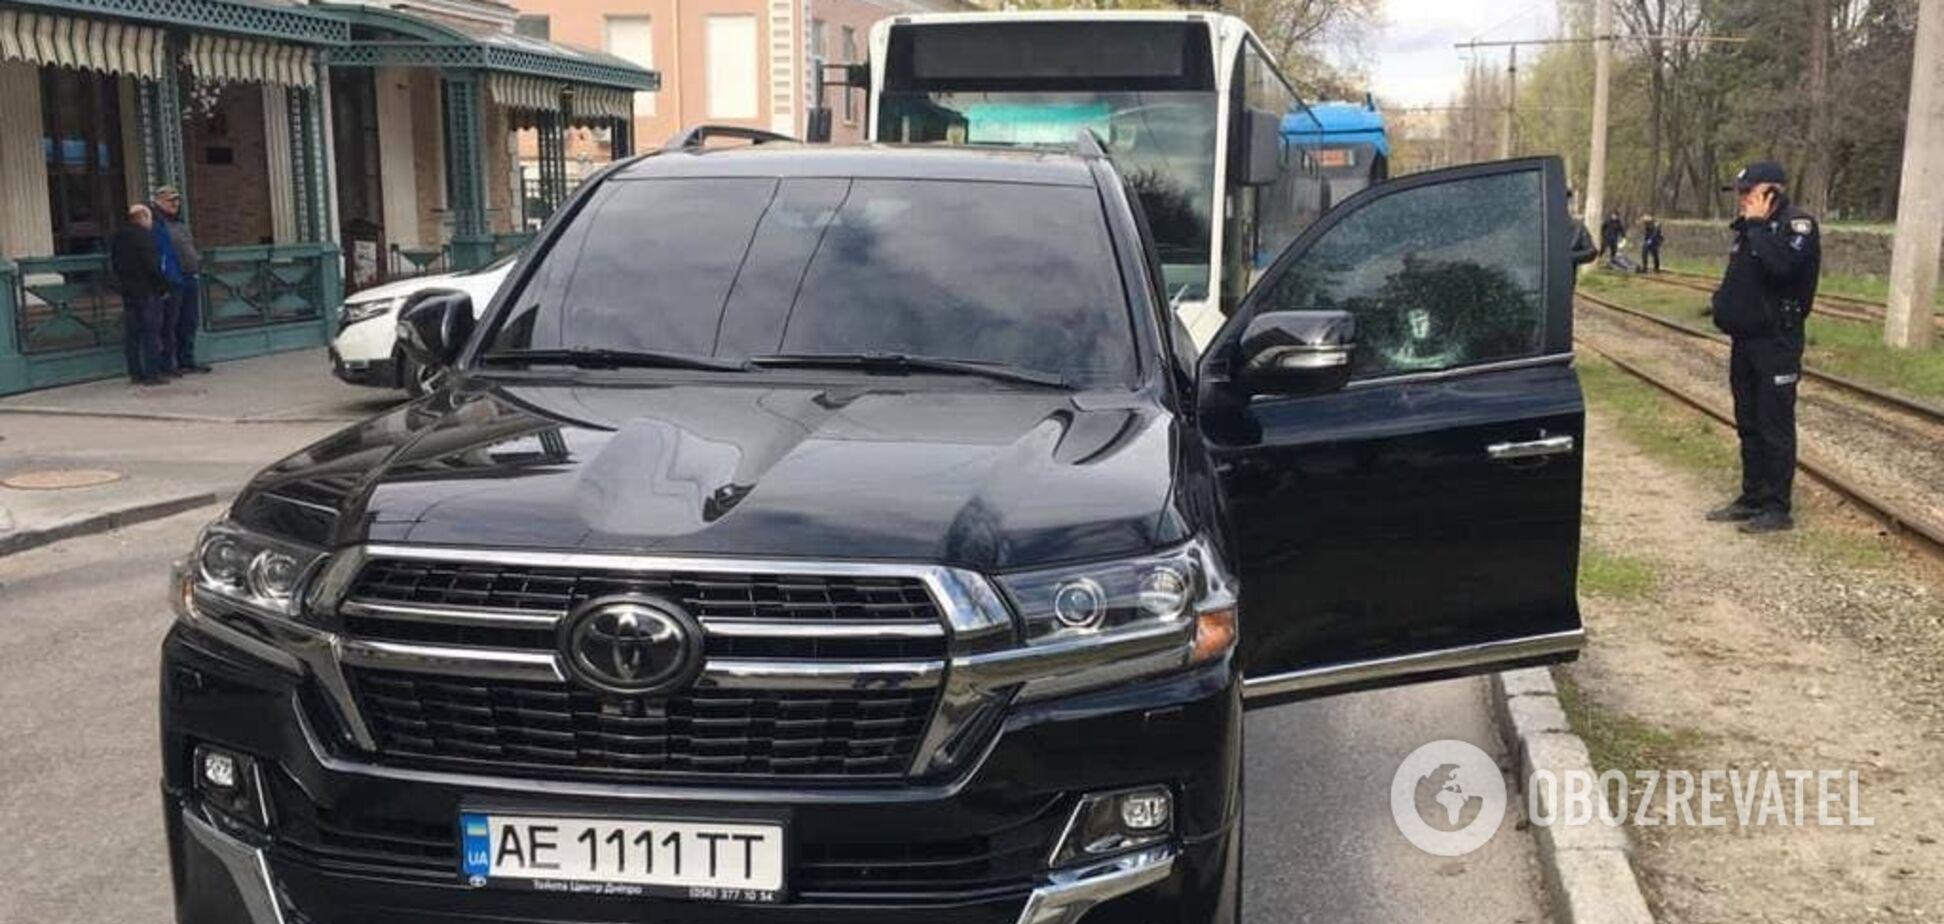 У Дніпрі кілер розстріляв людину посеред вулиці: відео моменту нападу